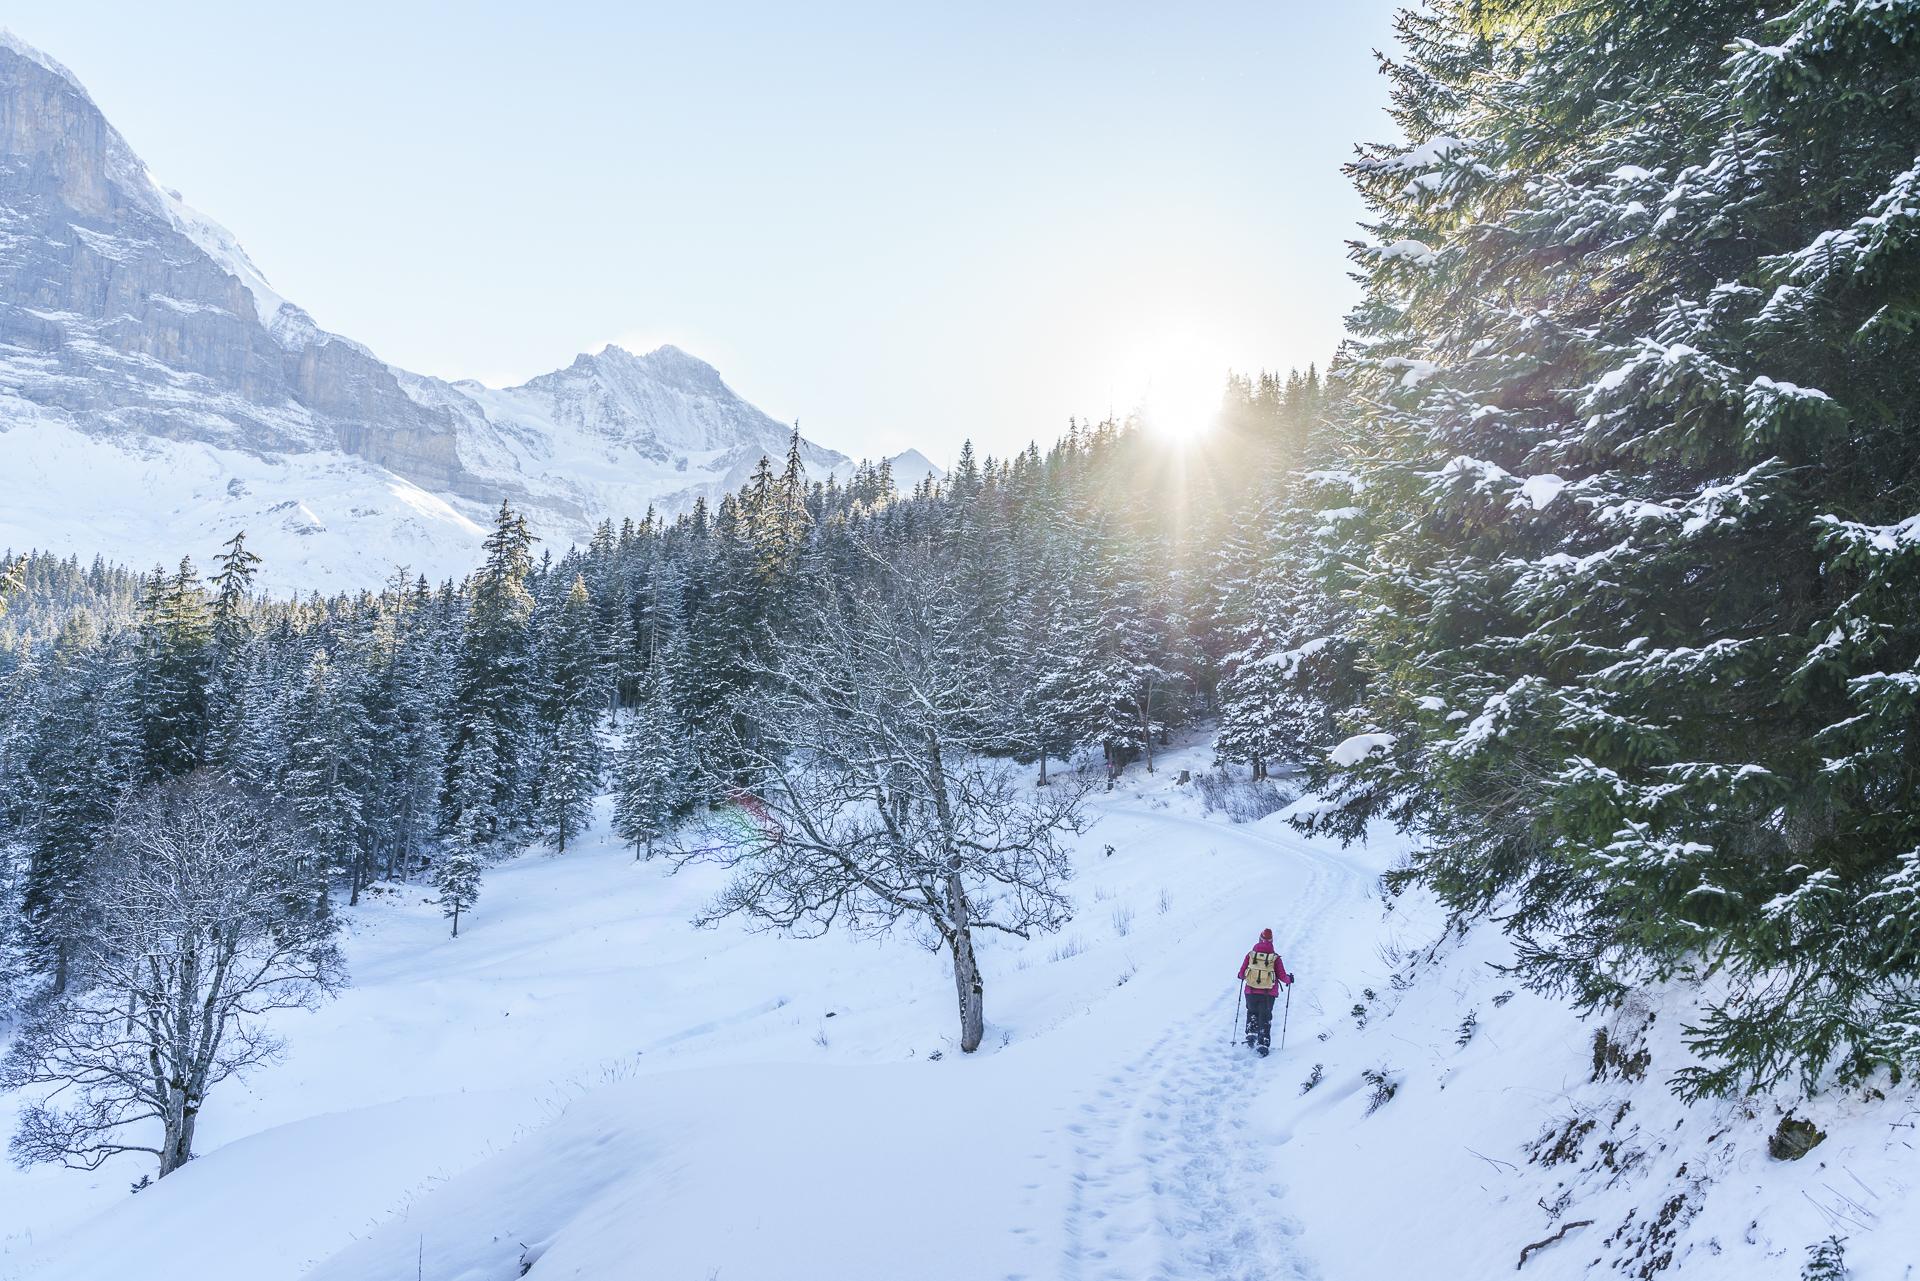 Schneeschuhtourte Eiger Trail Grindelwald